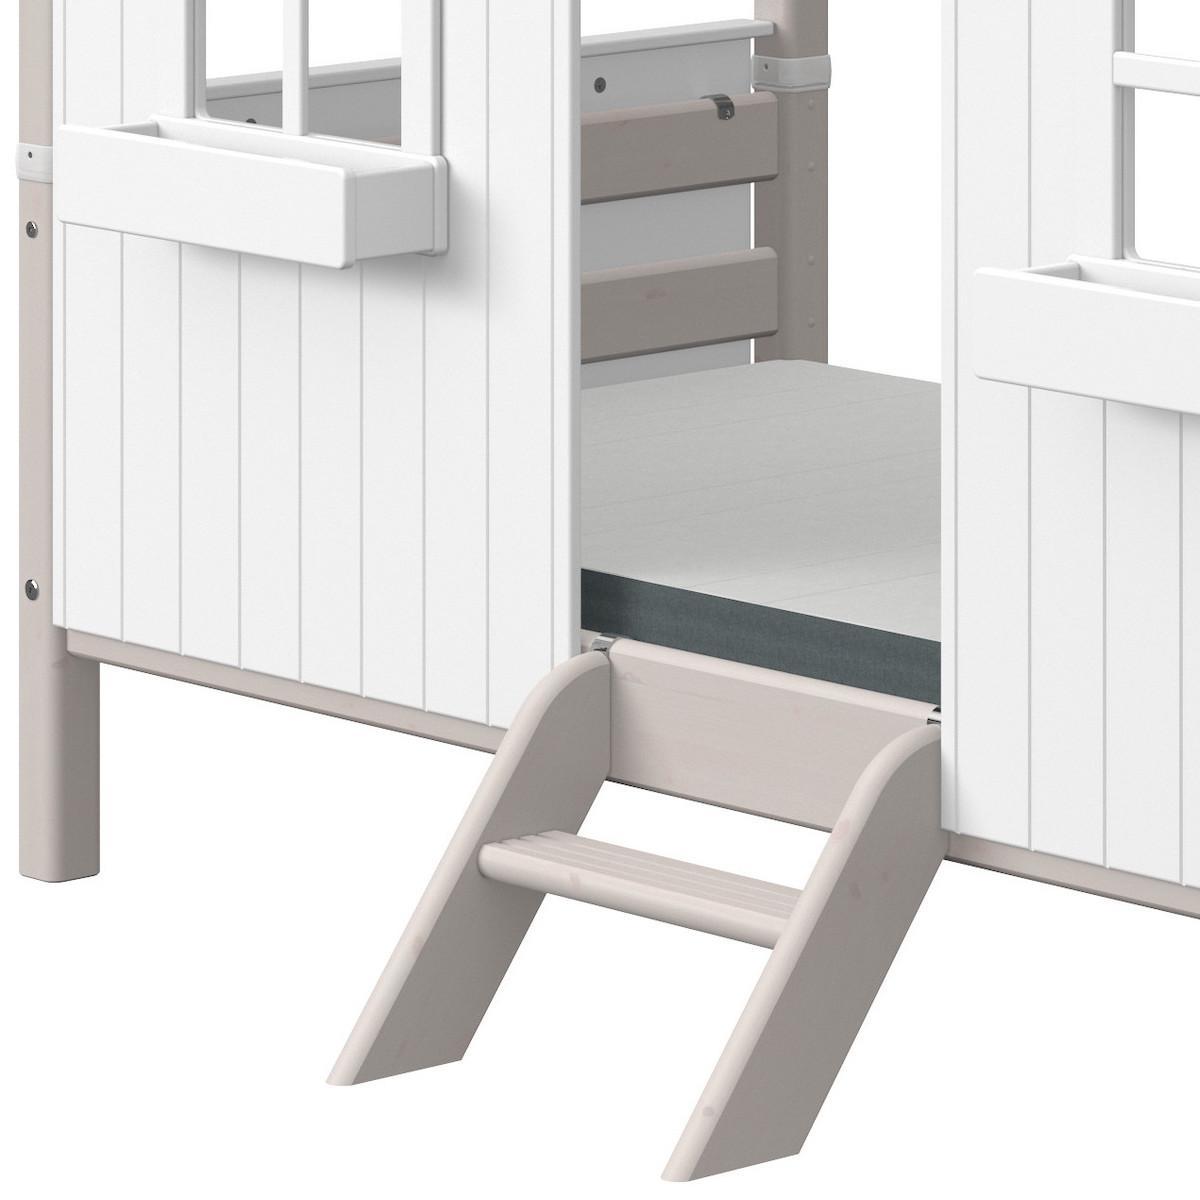 Spielbett Baumhau 90x200cm 1-2 PLAY HOUSE CLASSIC Flexa grey washed-weiß